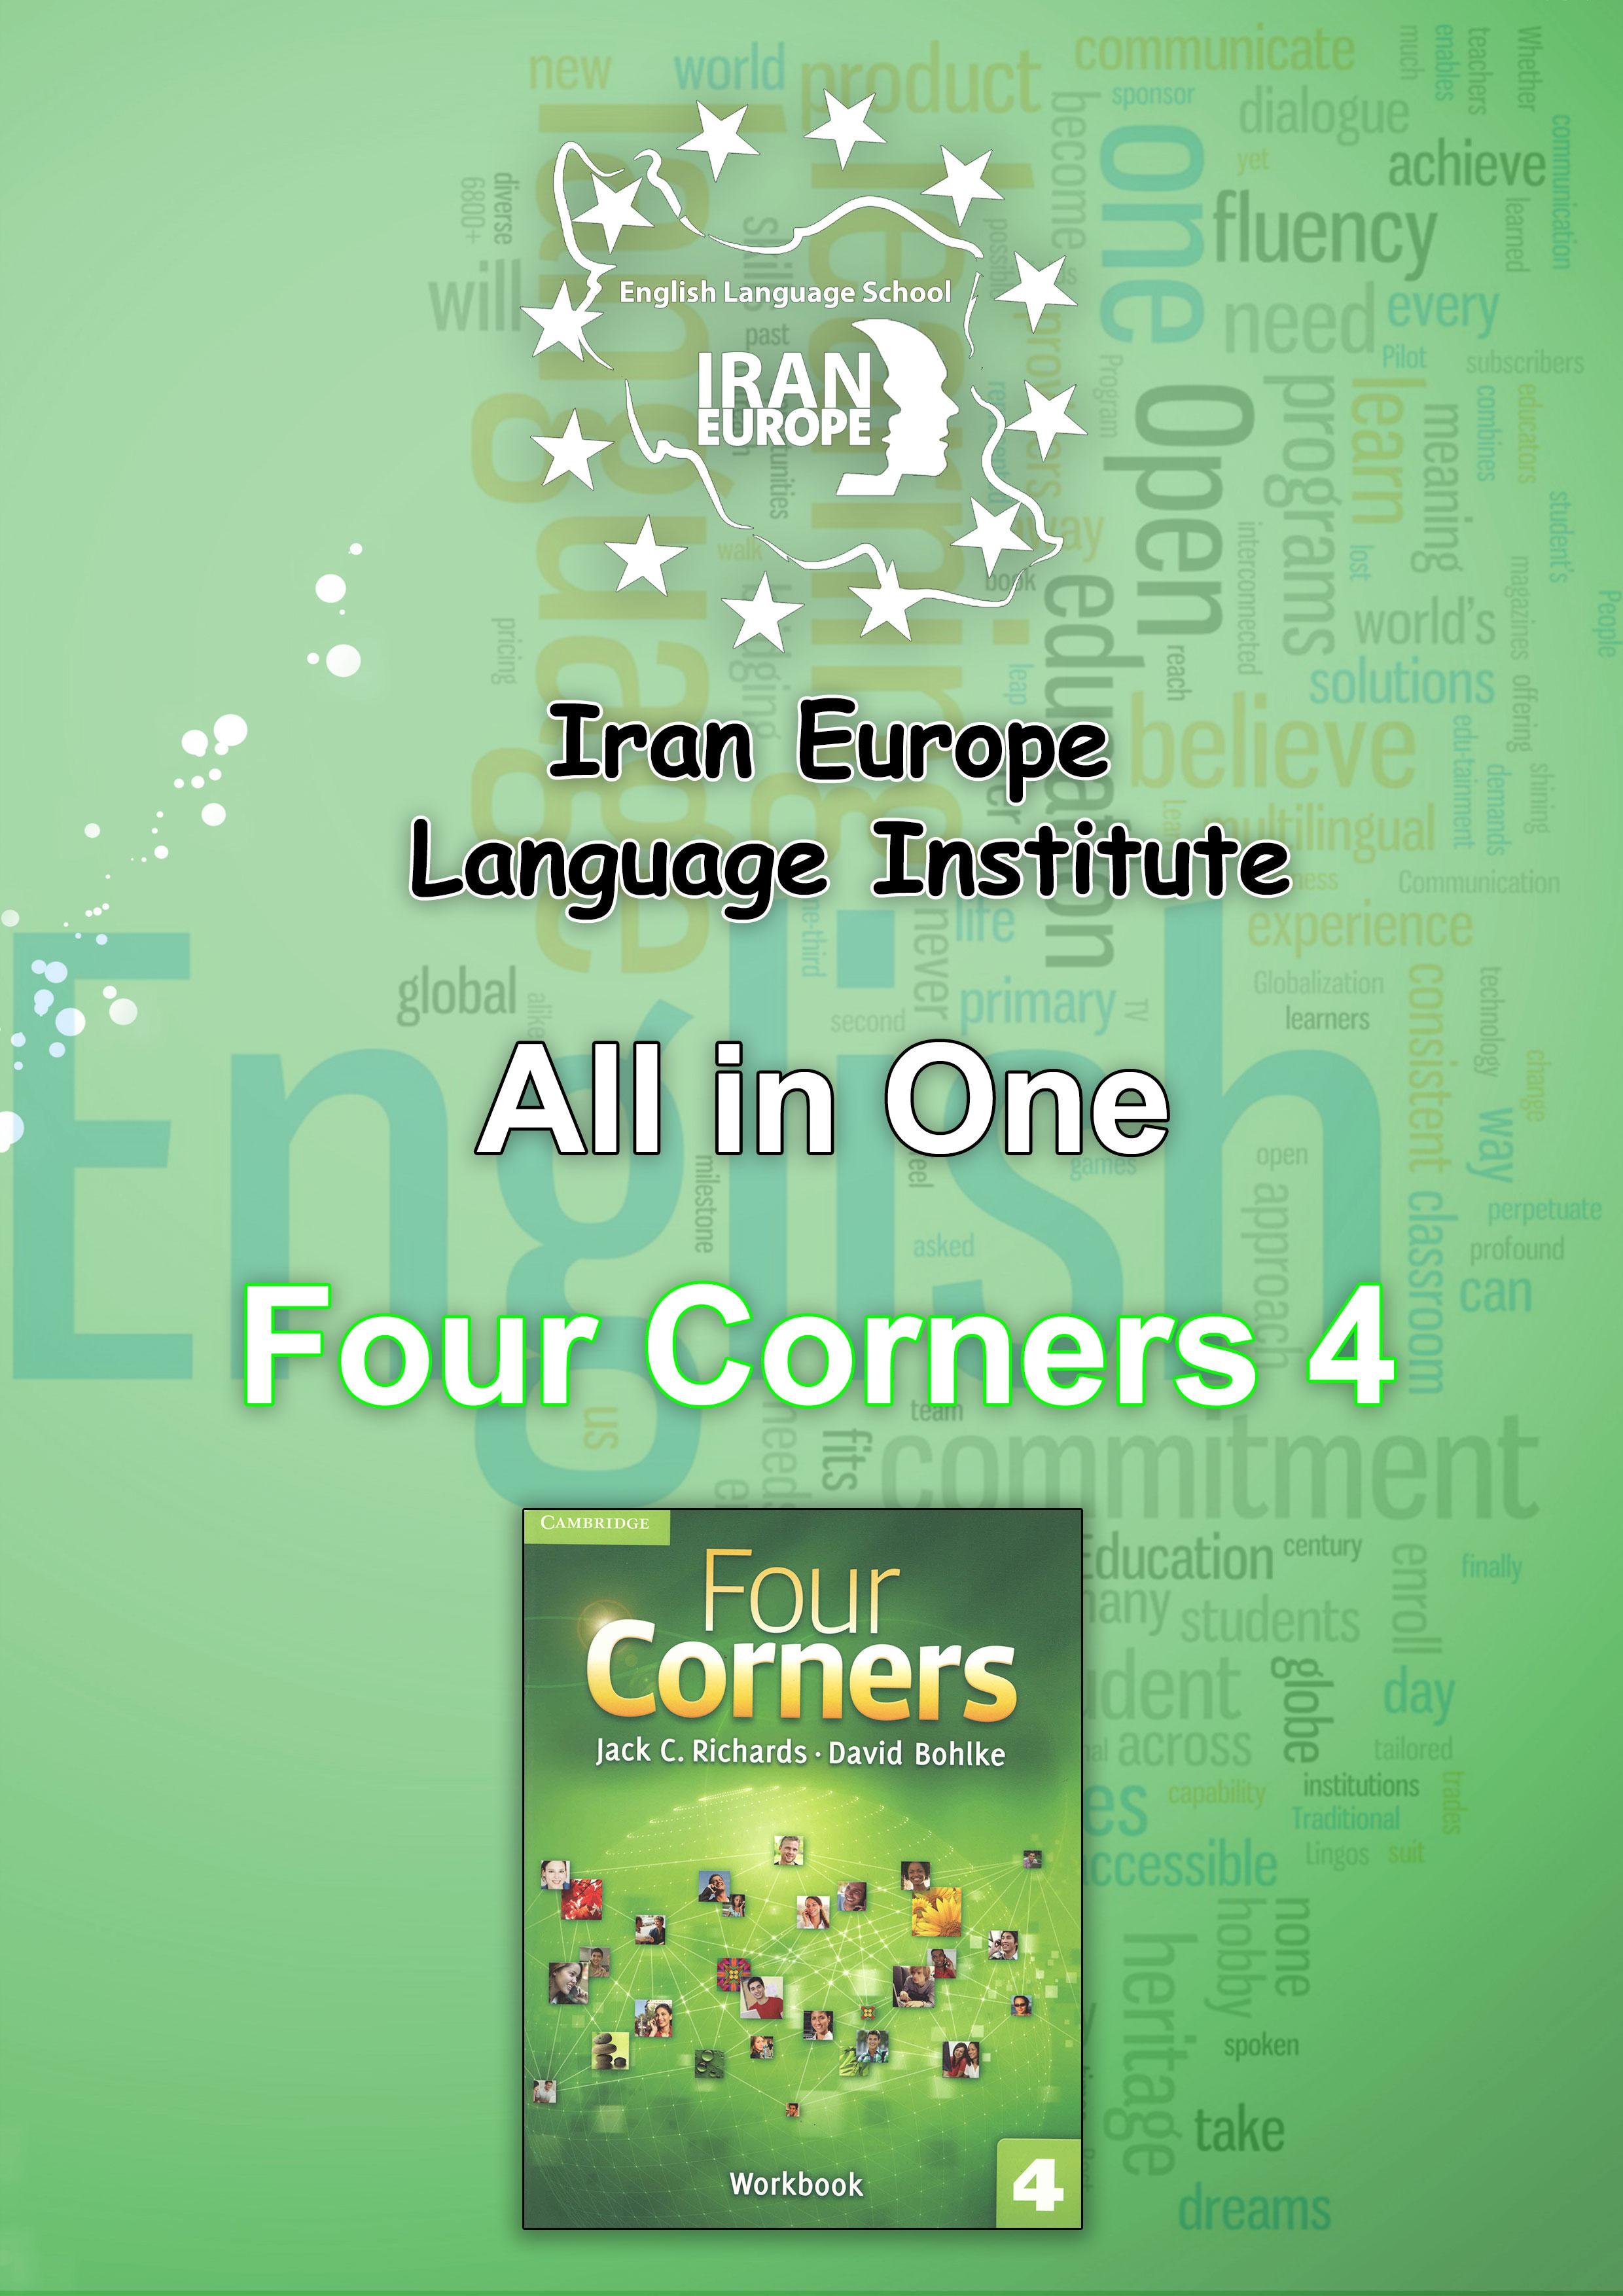 کتب جدید موسسه زبان ایران اروپا